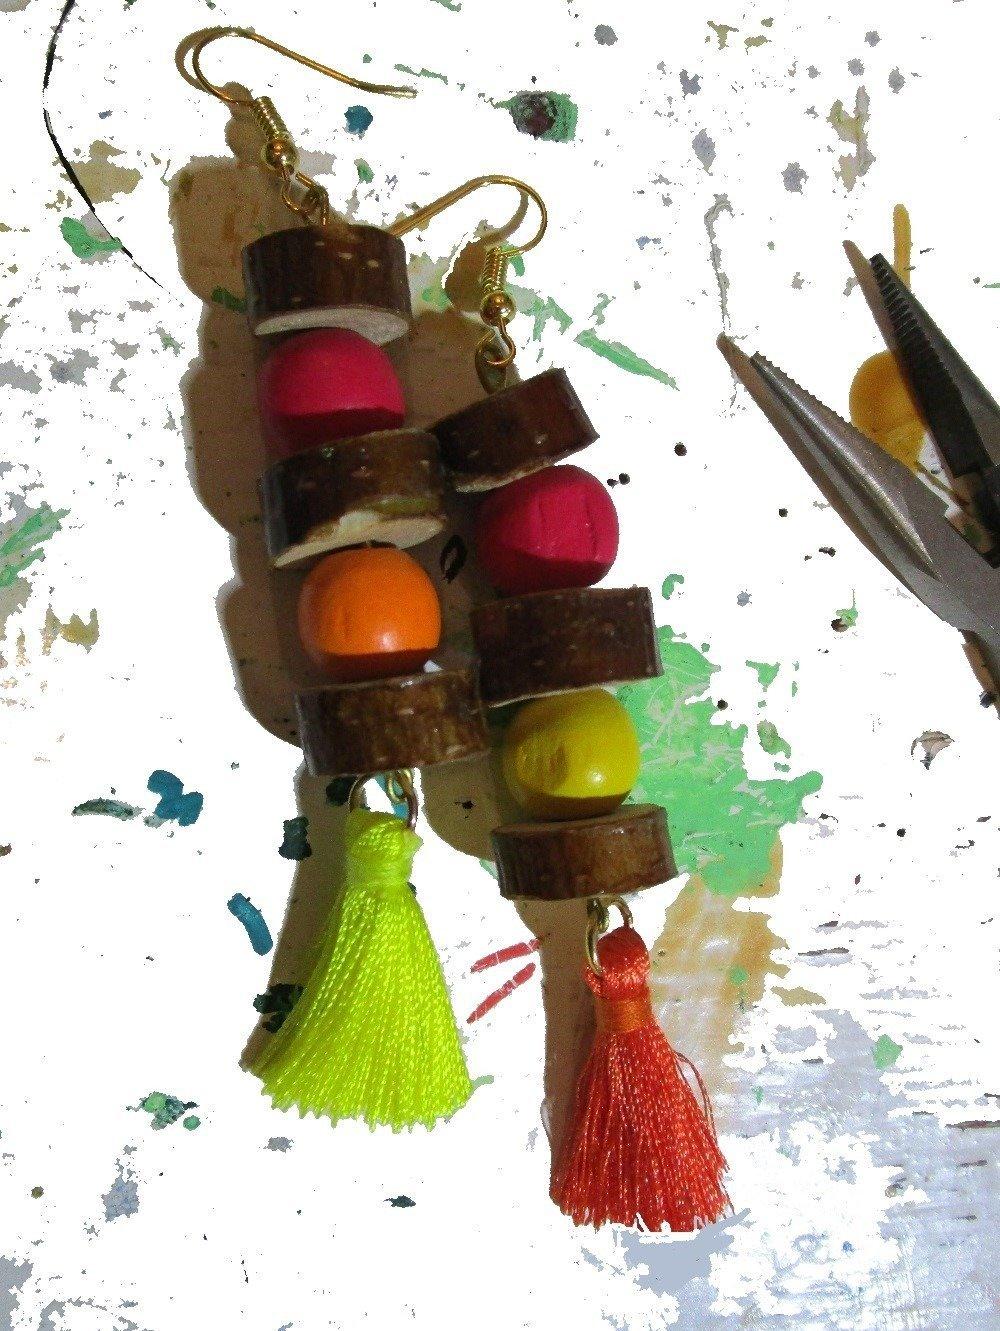 Boucles d'oreille ethniques, orange, jaune, rouge, assymétriques, pendants d'oreilles, nature, up